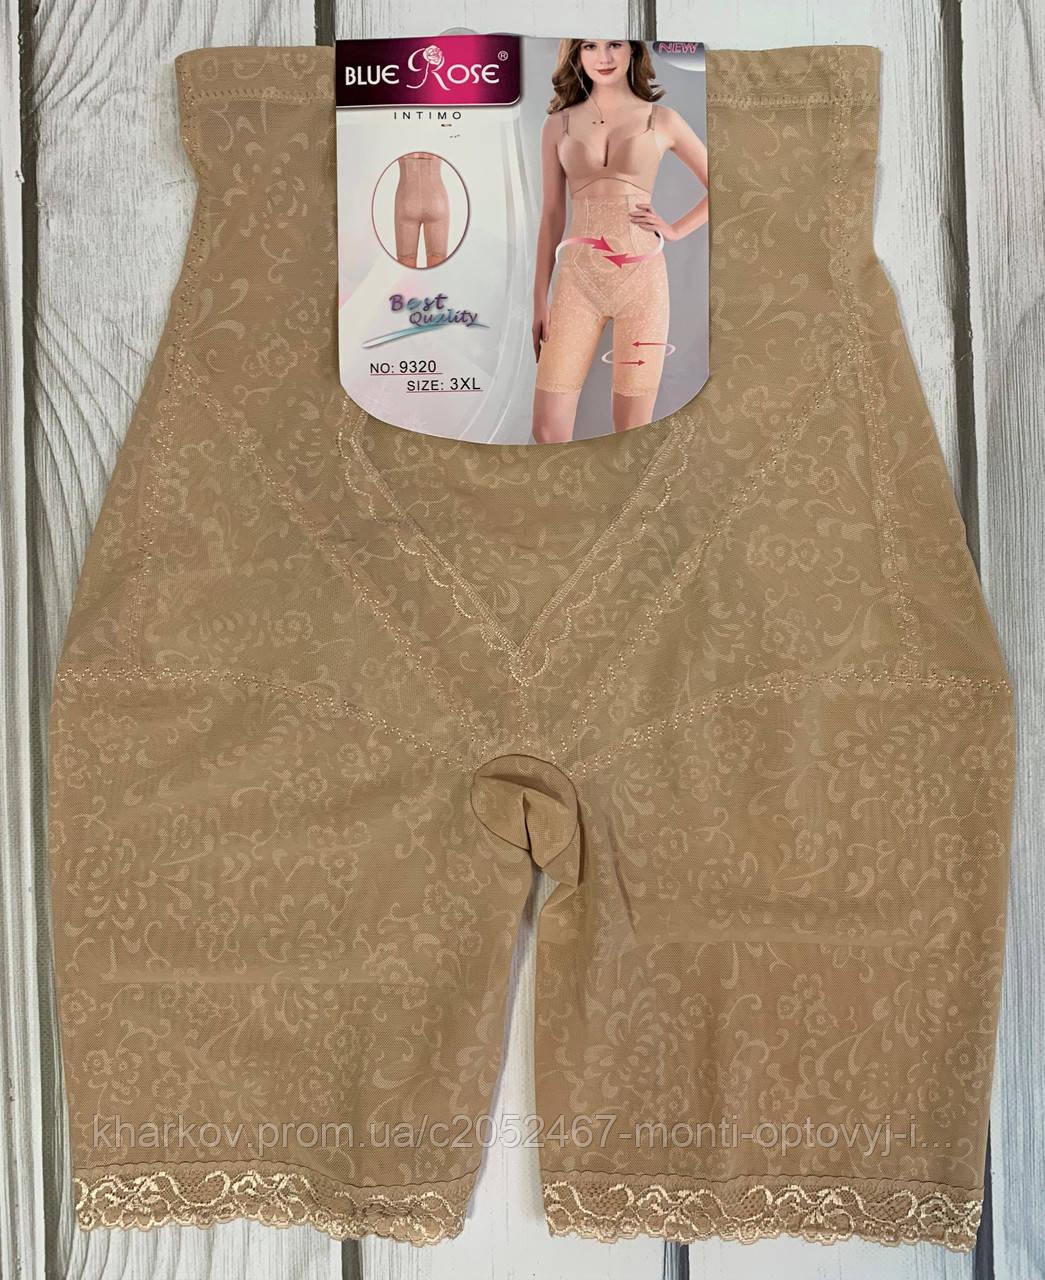 Женское белье панталоны интернет магазин белье женское черемушки в москве магазины адреса